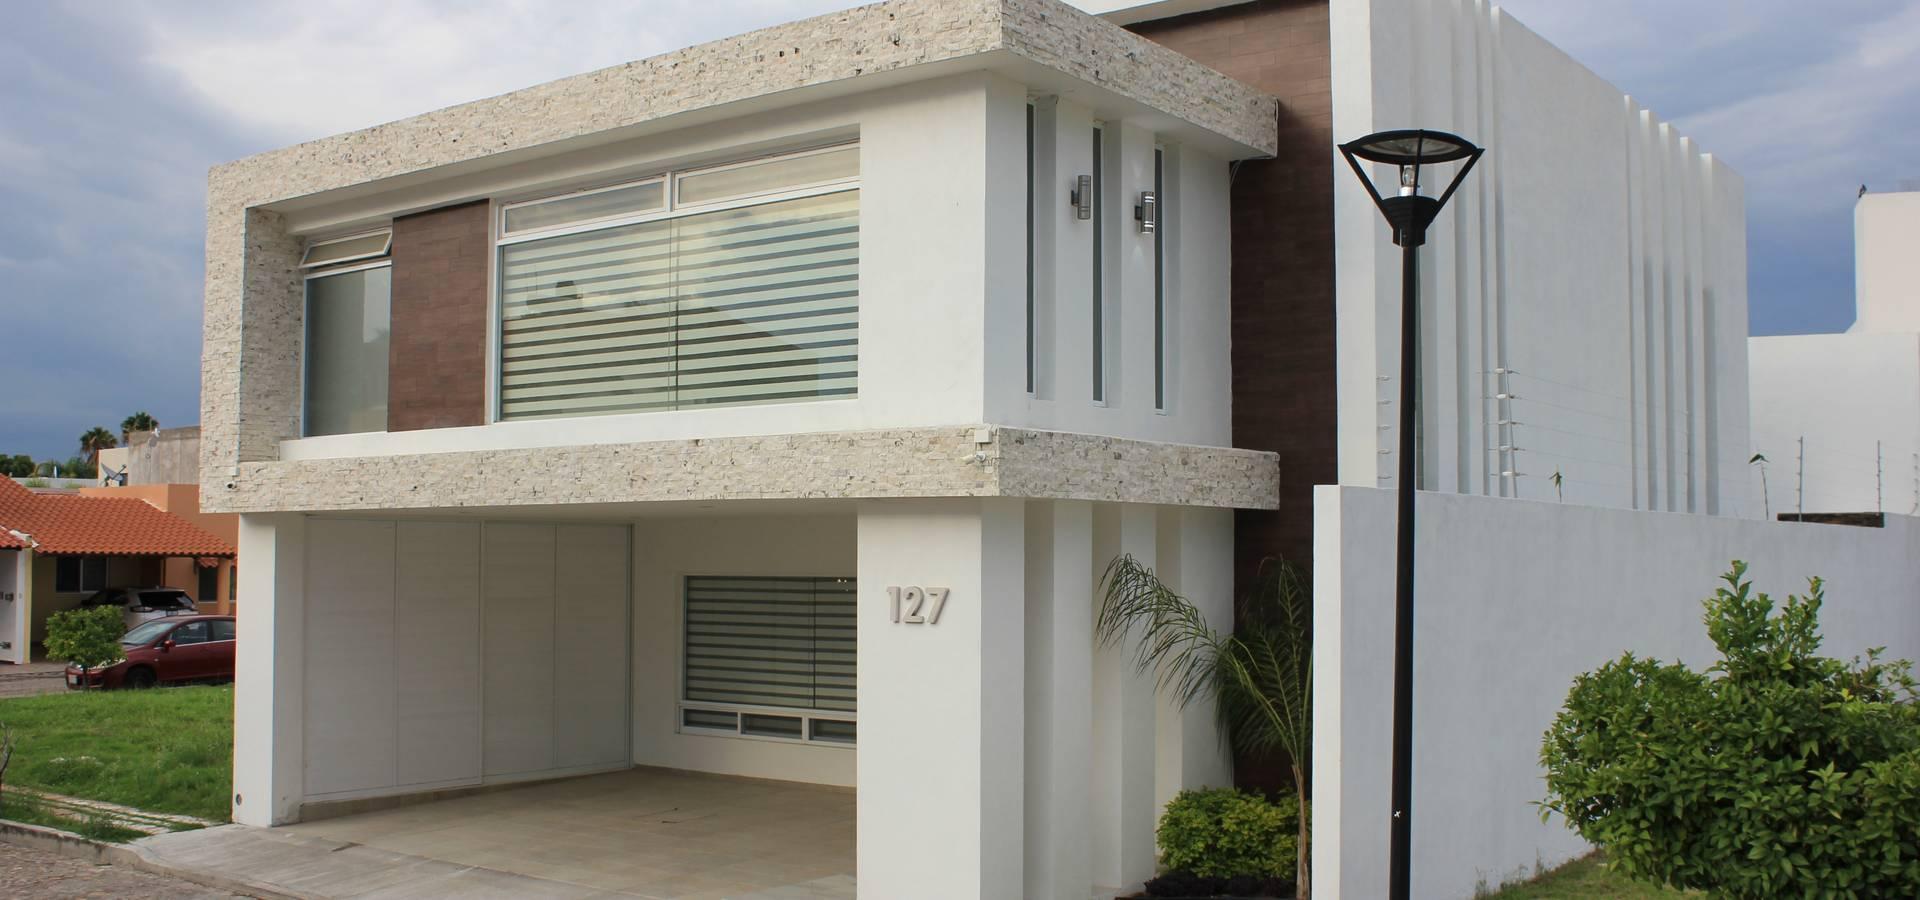 m2.arquitectos